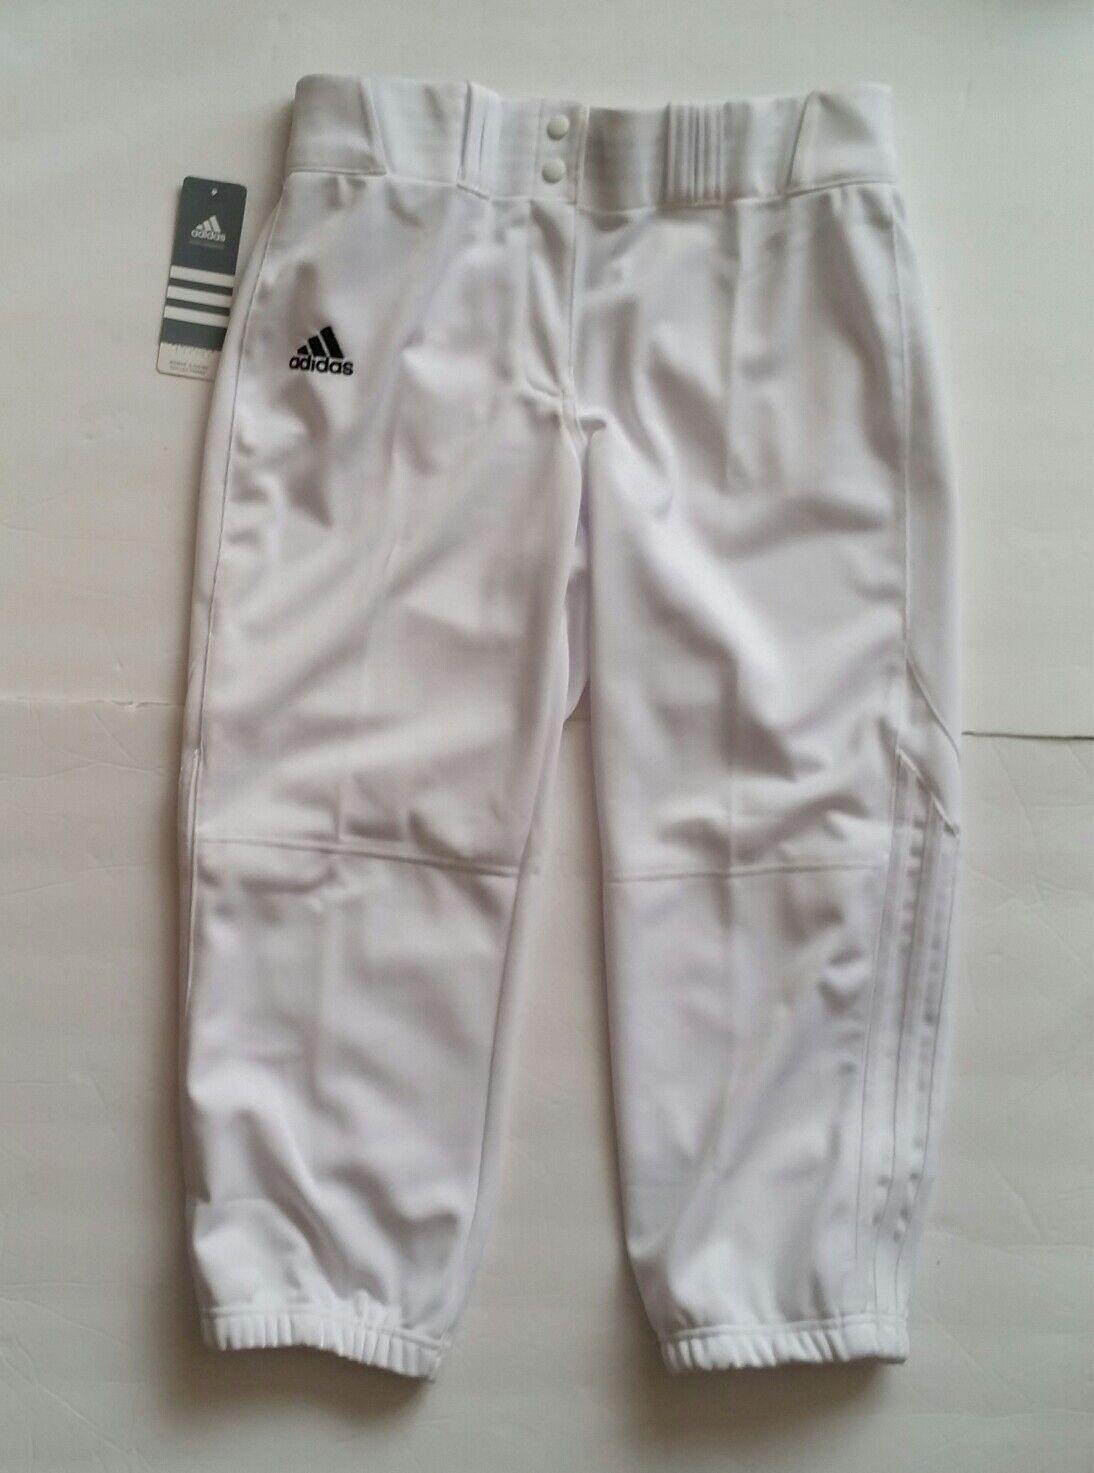 Adidas Diamond Queen CP White Softball Pants Women's M Baseball NWT  60